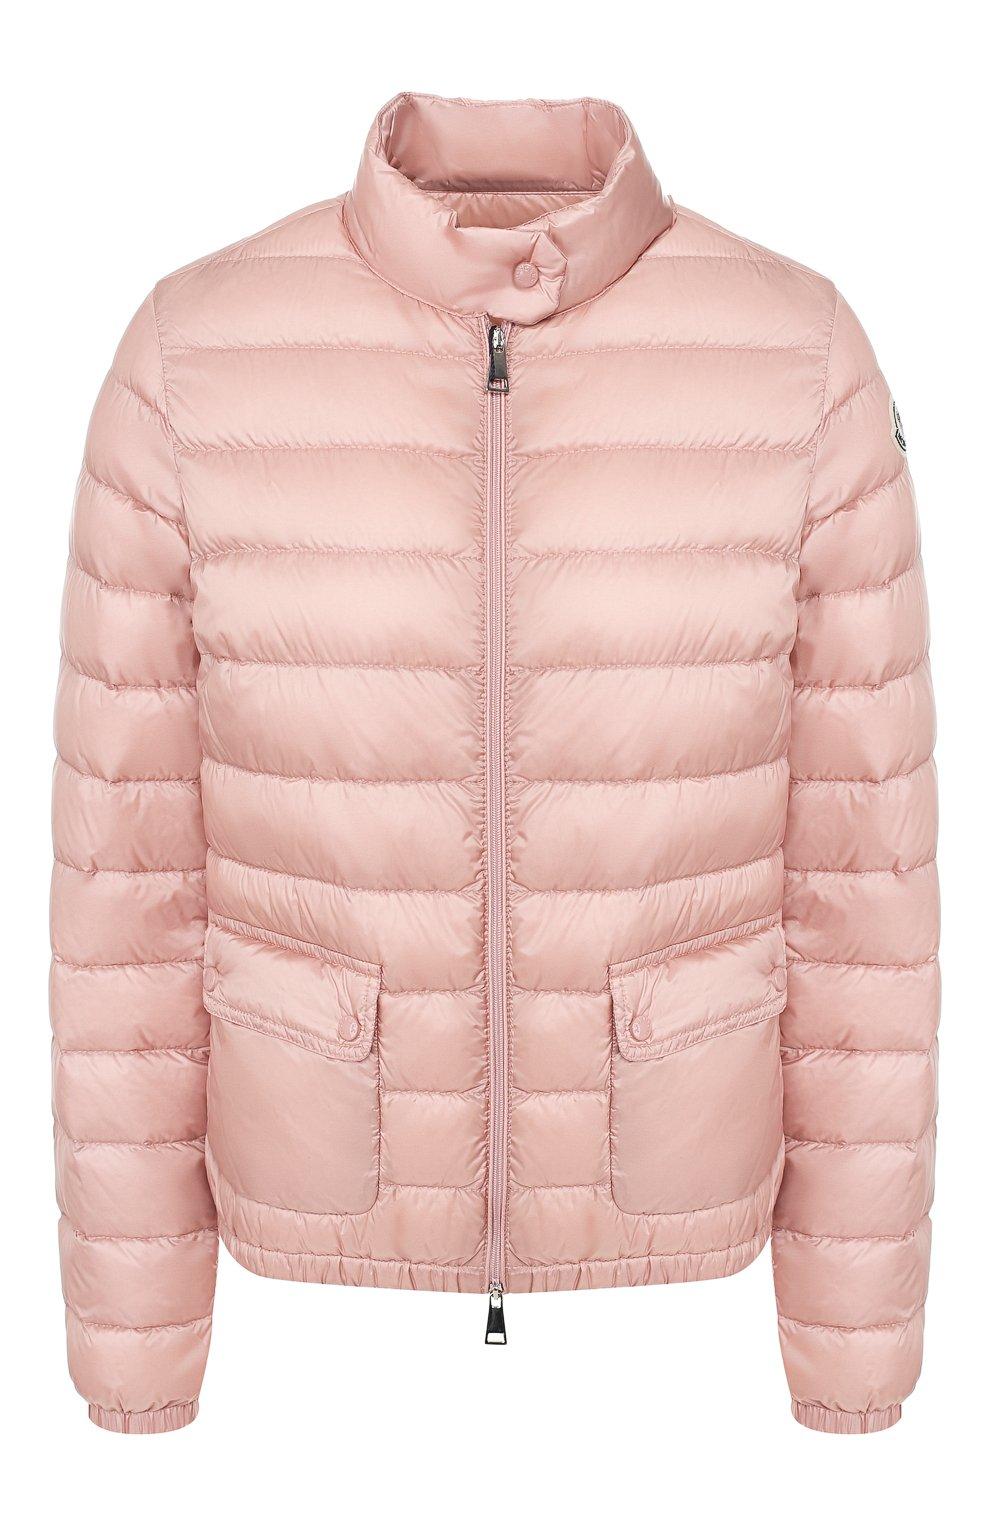 Женский пуховая куртка lans MONCLER розового цвета, арт. F1-093-1A101-00-53048 | Фото 1 (Кросс-КТ: Куртка, Пуховик; Рукава: Длинные; Женское Кросс-КТ: Пуховик-куртка; Материал внешний: Синтетический материал; Материал подклада: Синтетический материал; Длина (верхняя одежда): Короткие; Материал утеплителя: Пух и перо)